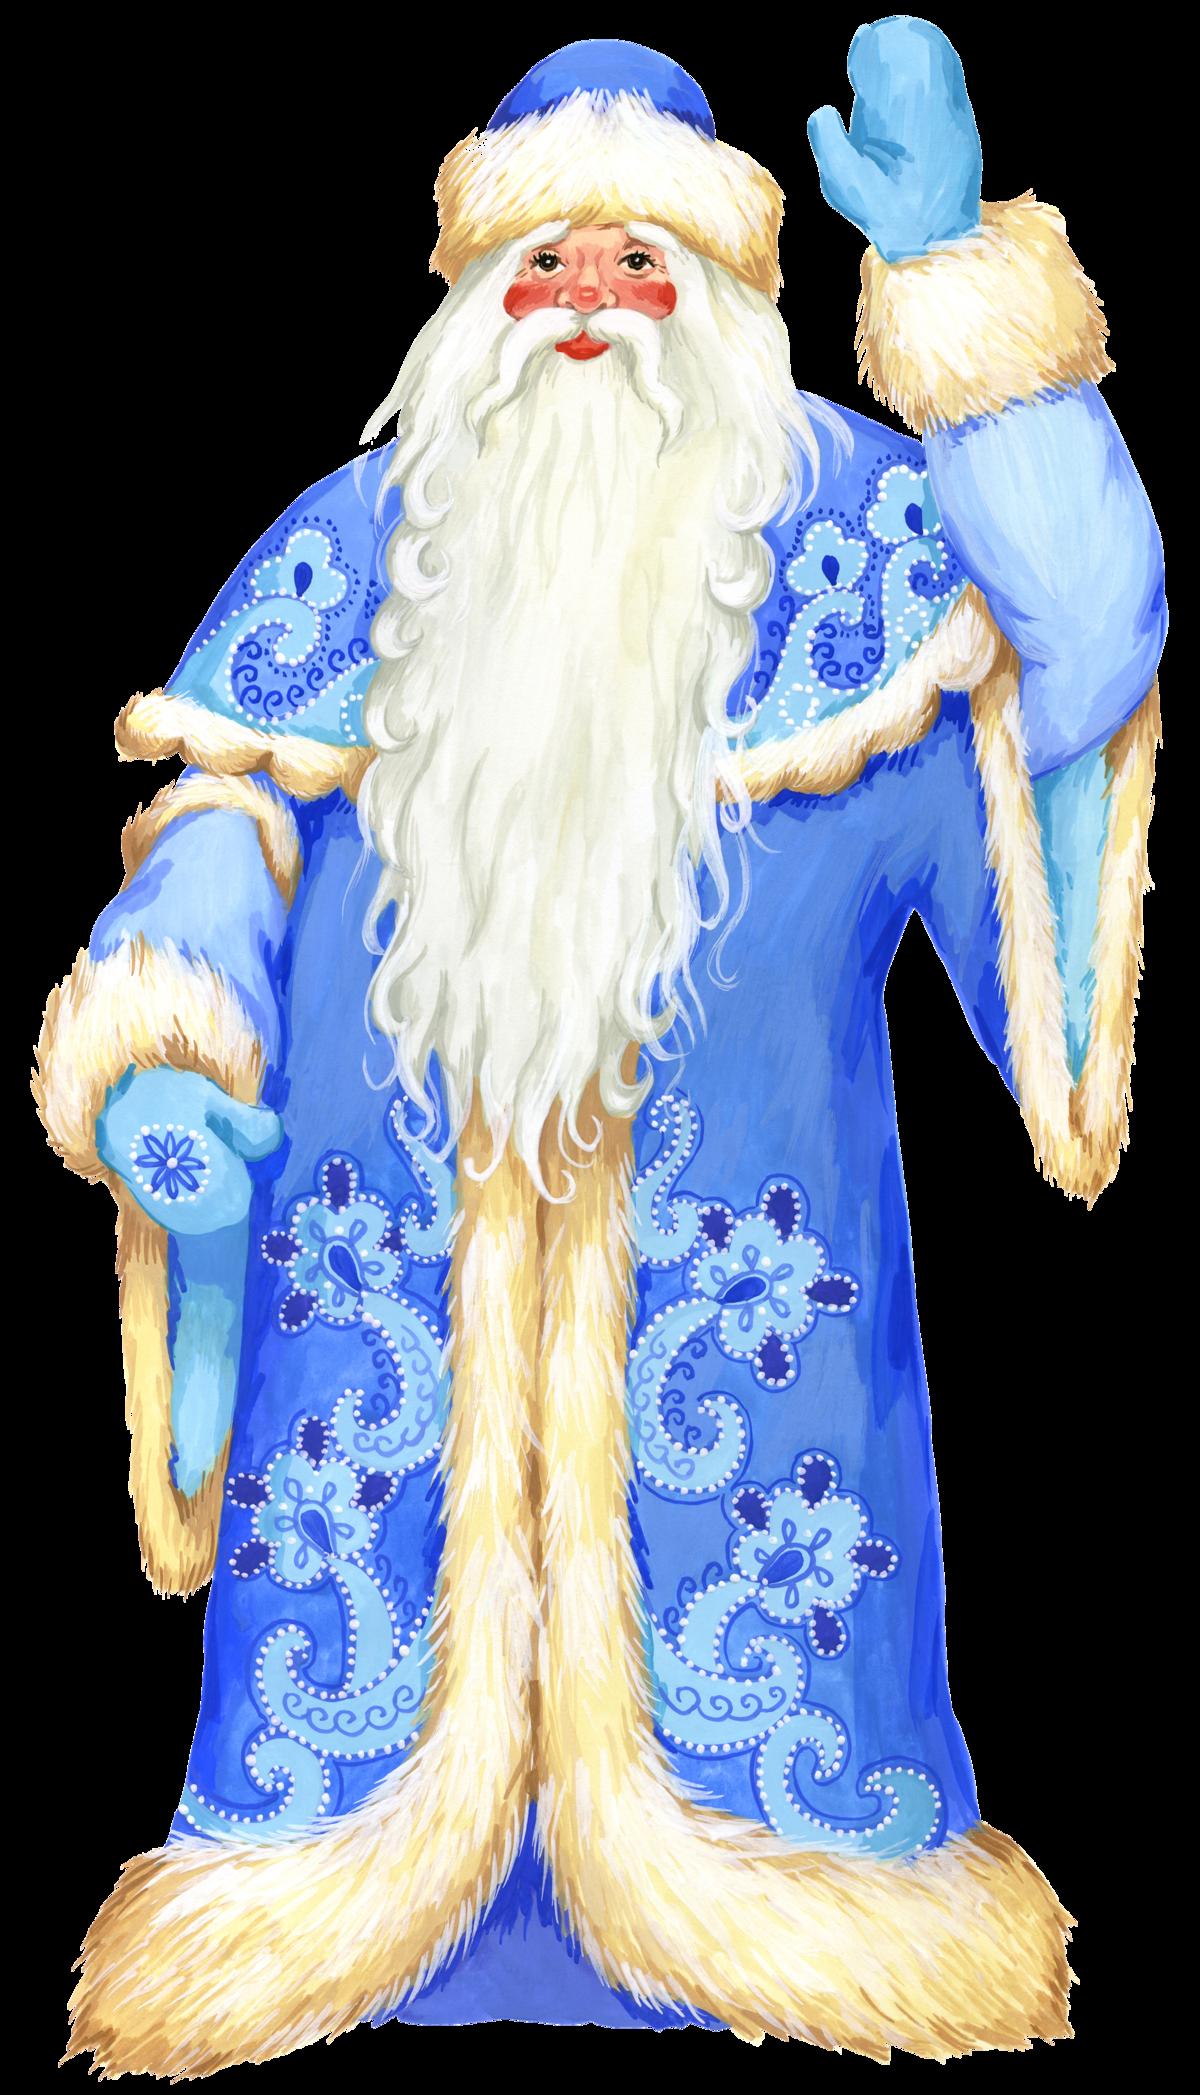 Победой, картинки дед мороз в синей шубе для детей